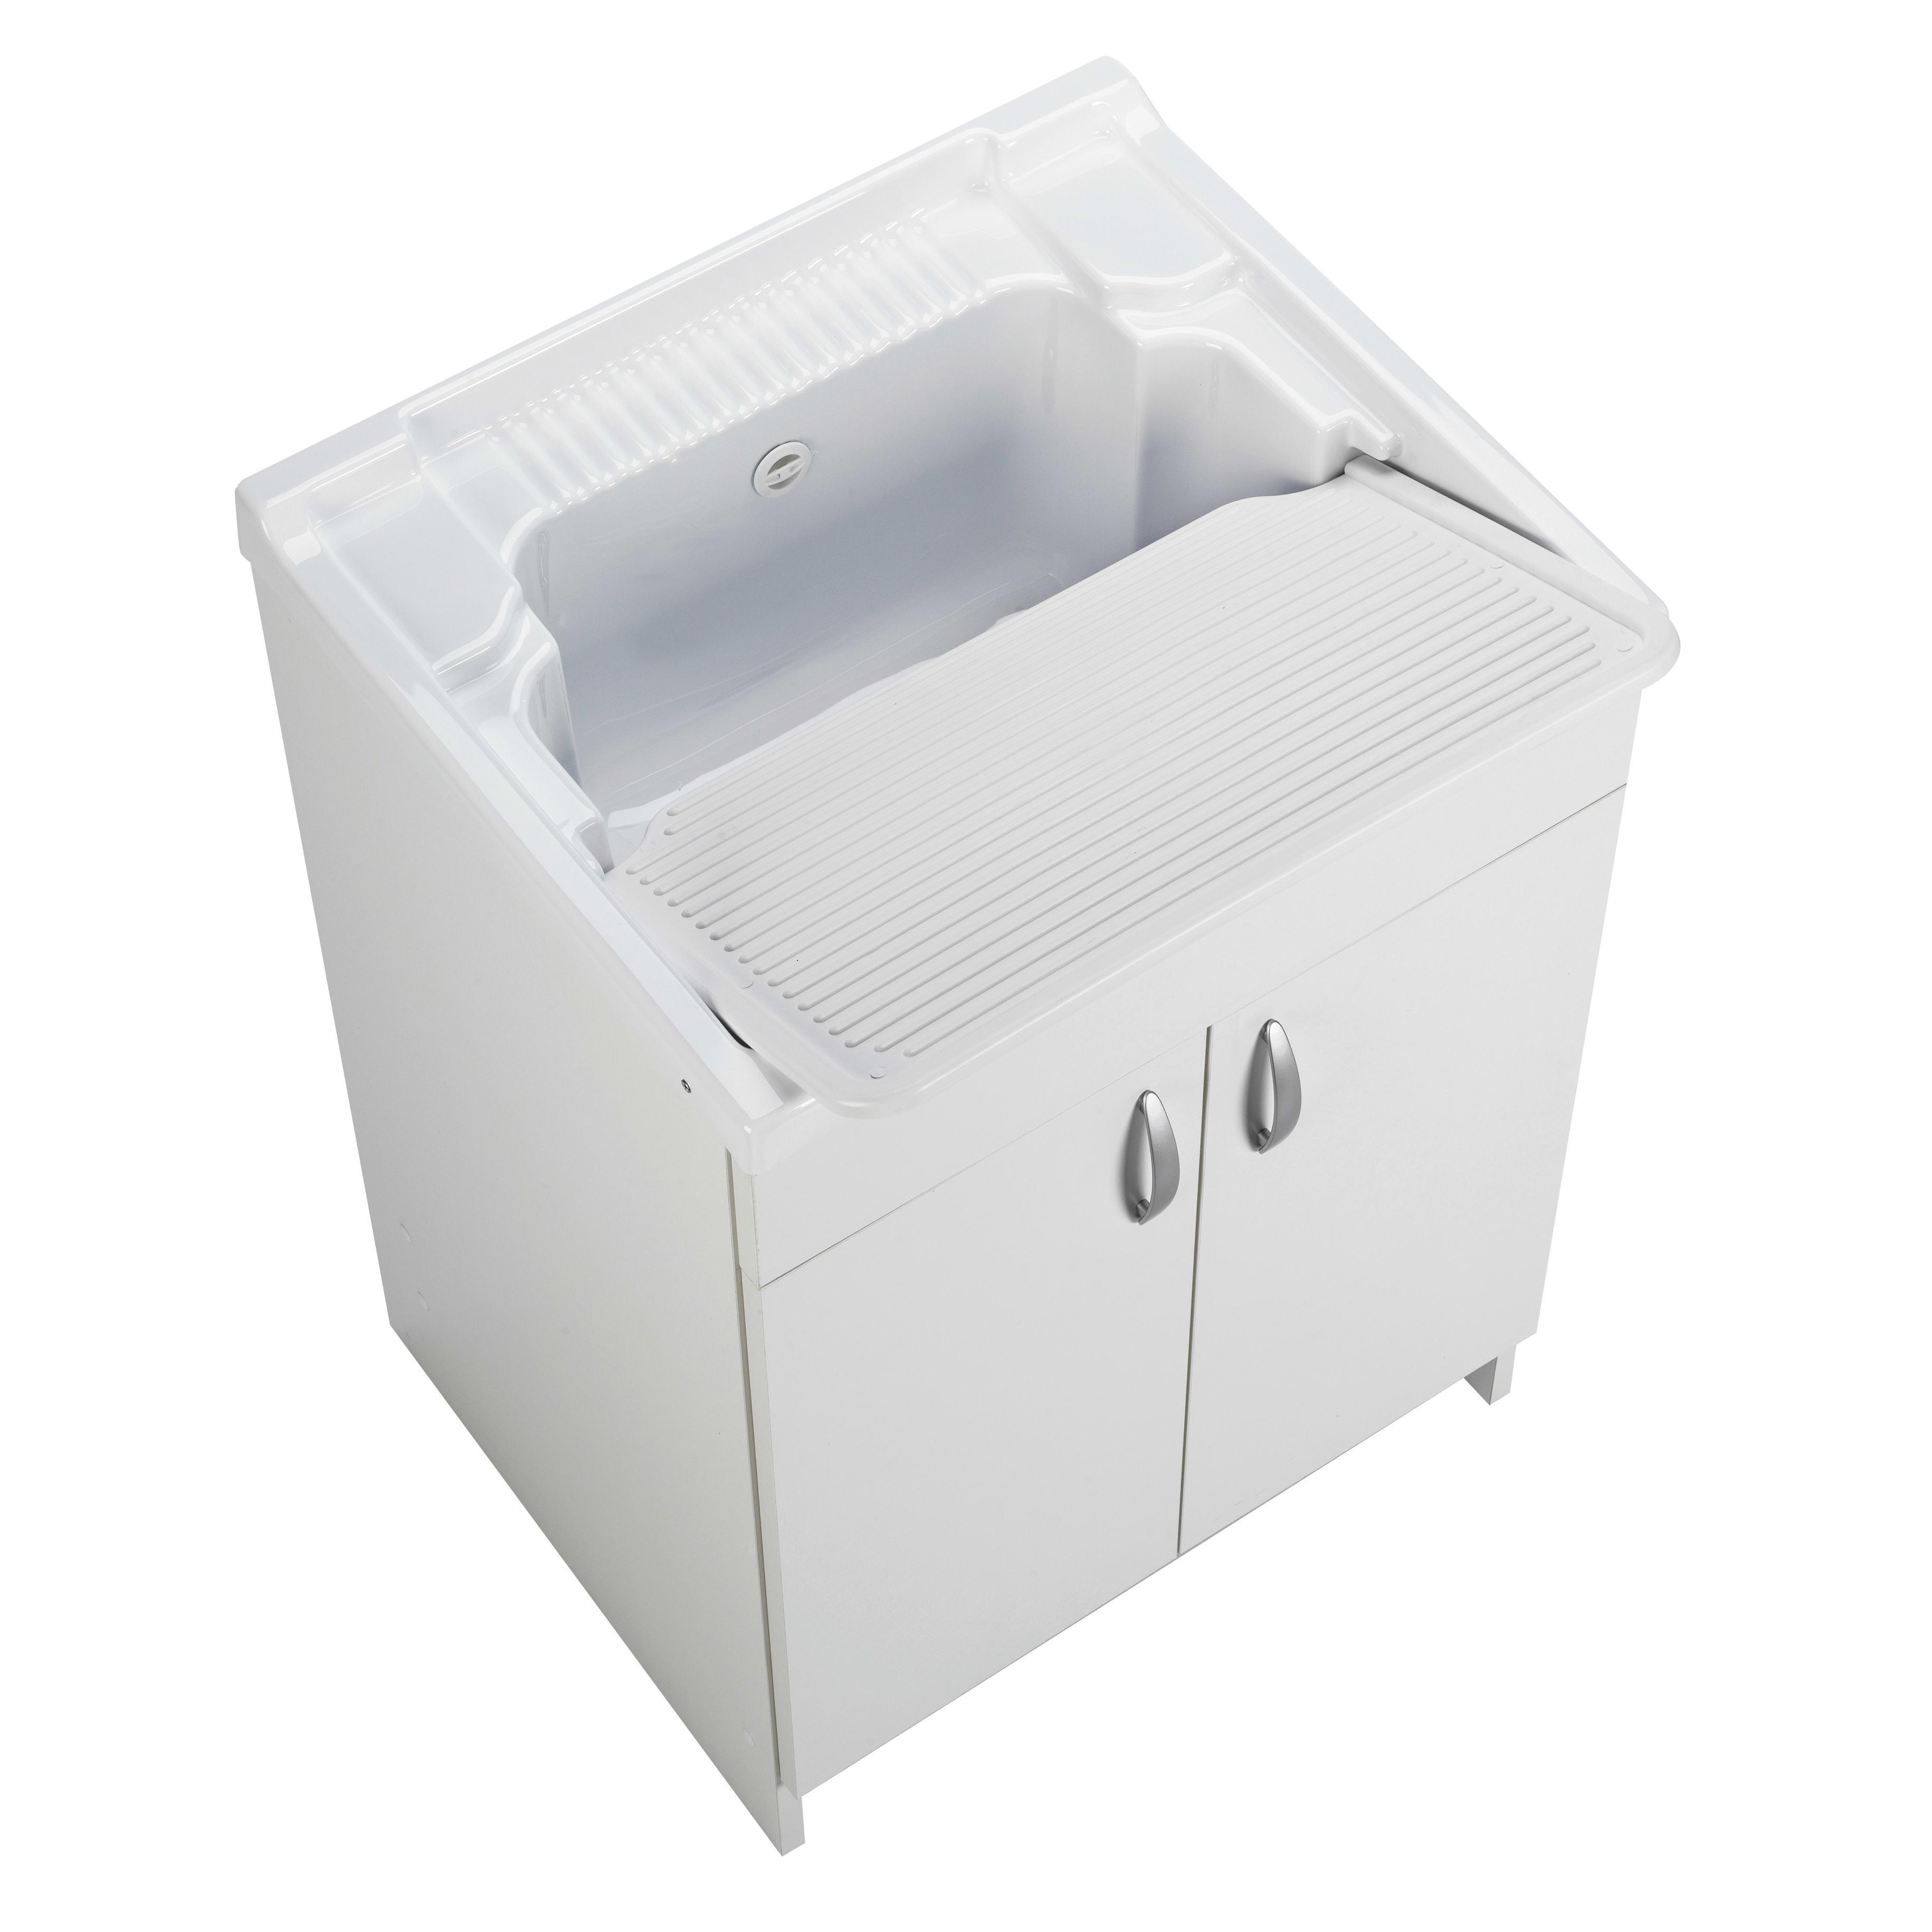 Lavatoio Ceramica Leroy Merlin.Mobile Lavanderia Prix Bianco L 59 2 X P 50 5 X H 84 Cm